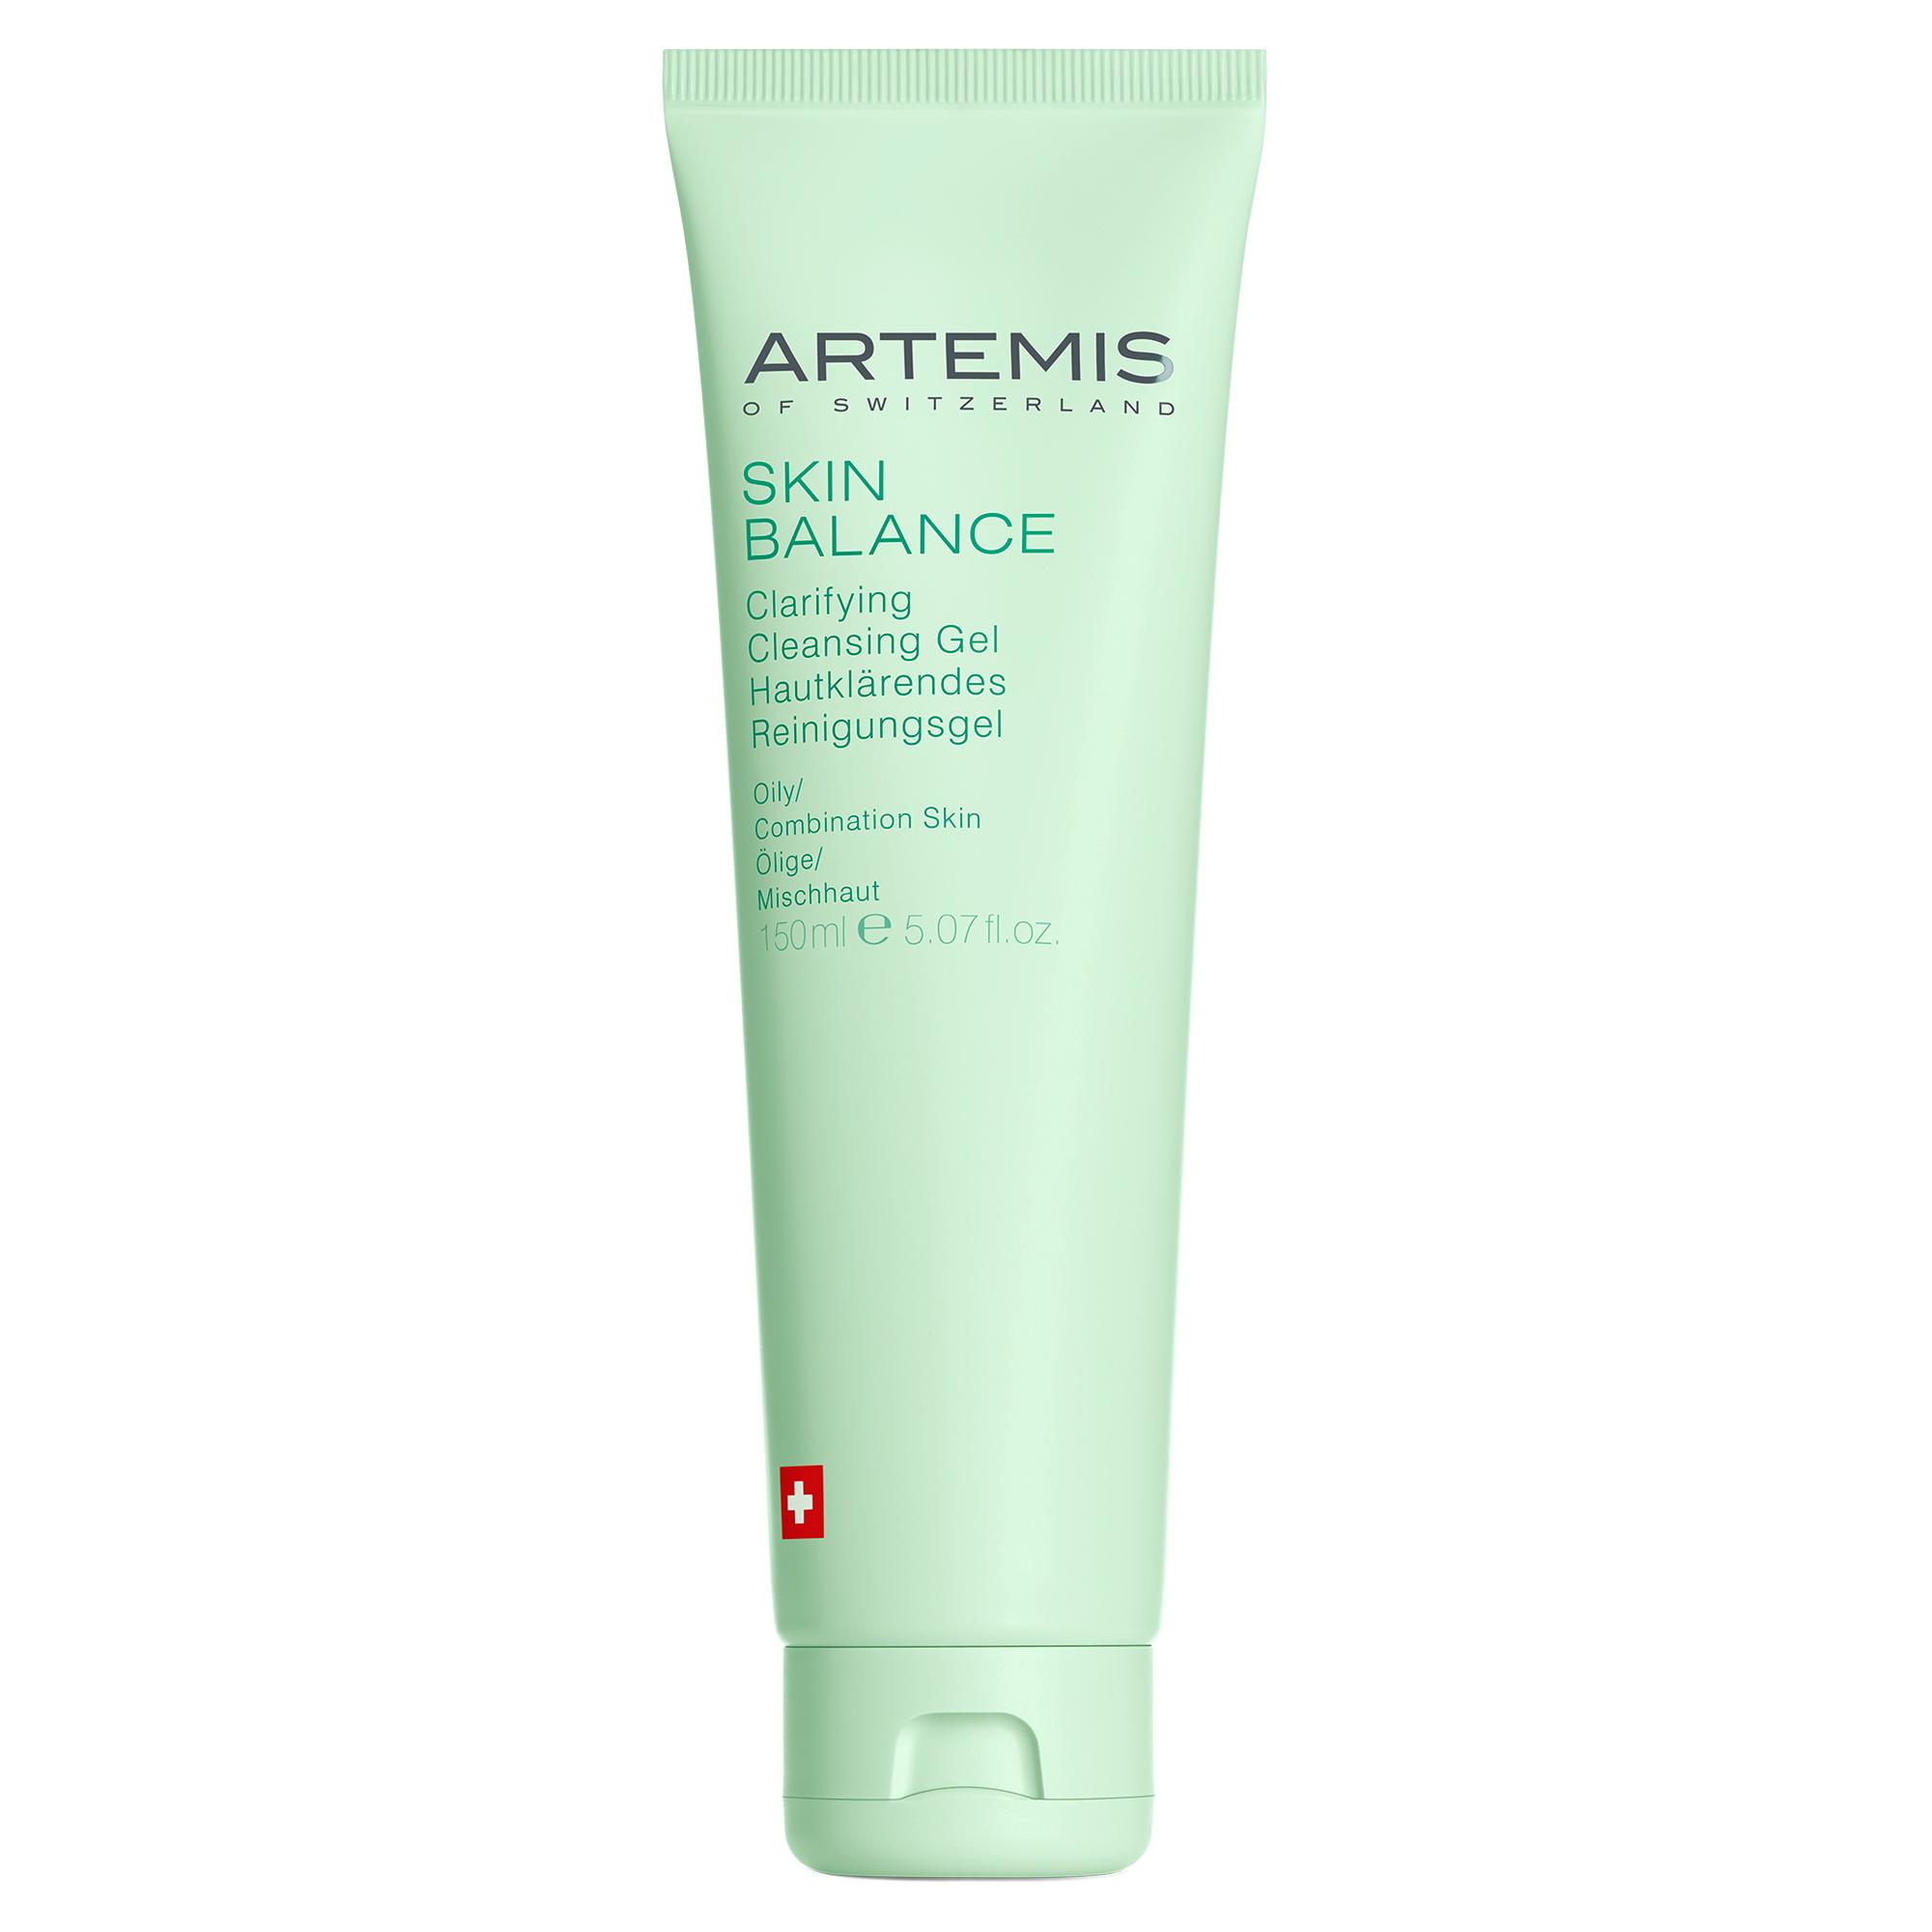 Artemis Skin Balance Clarifying Cleansing Gel 150ml